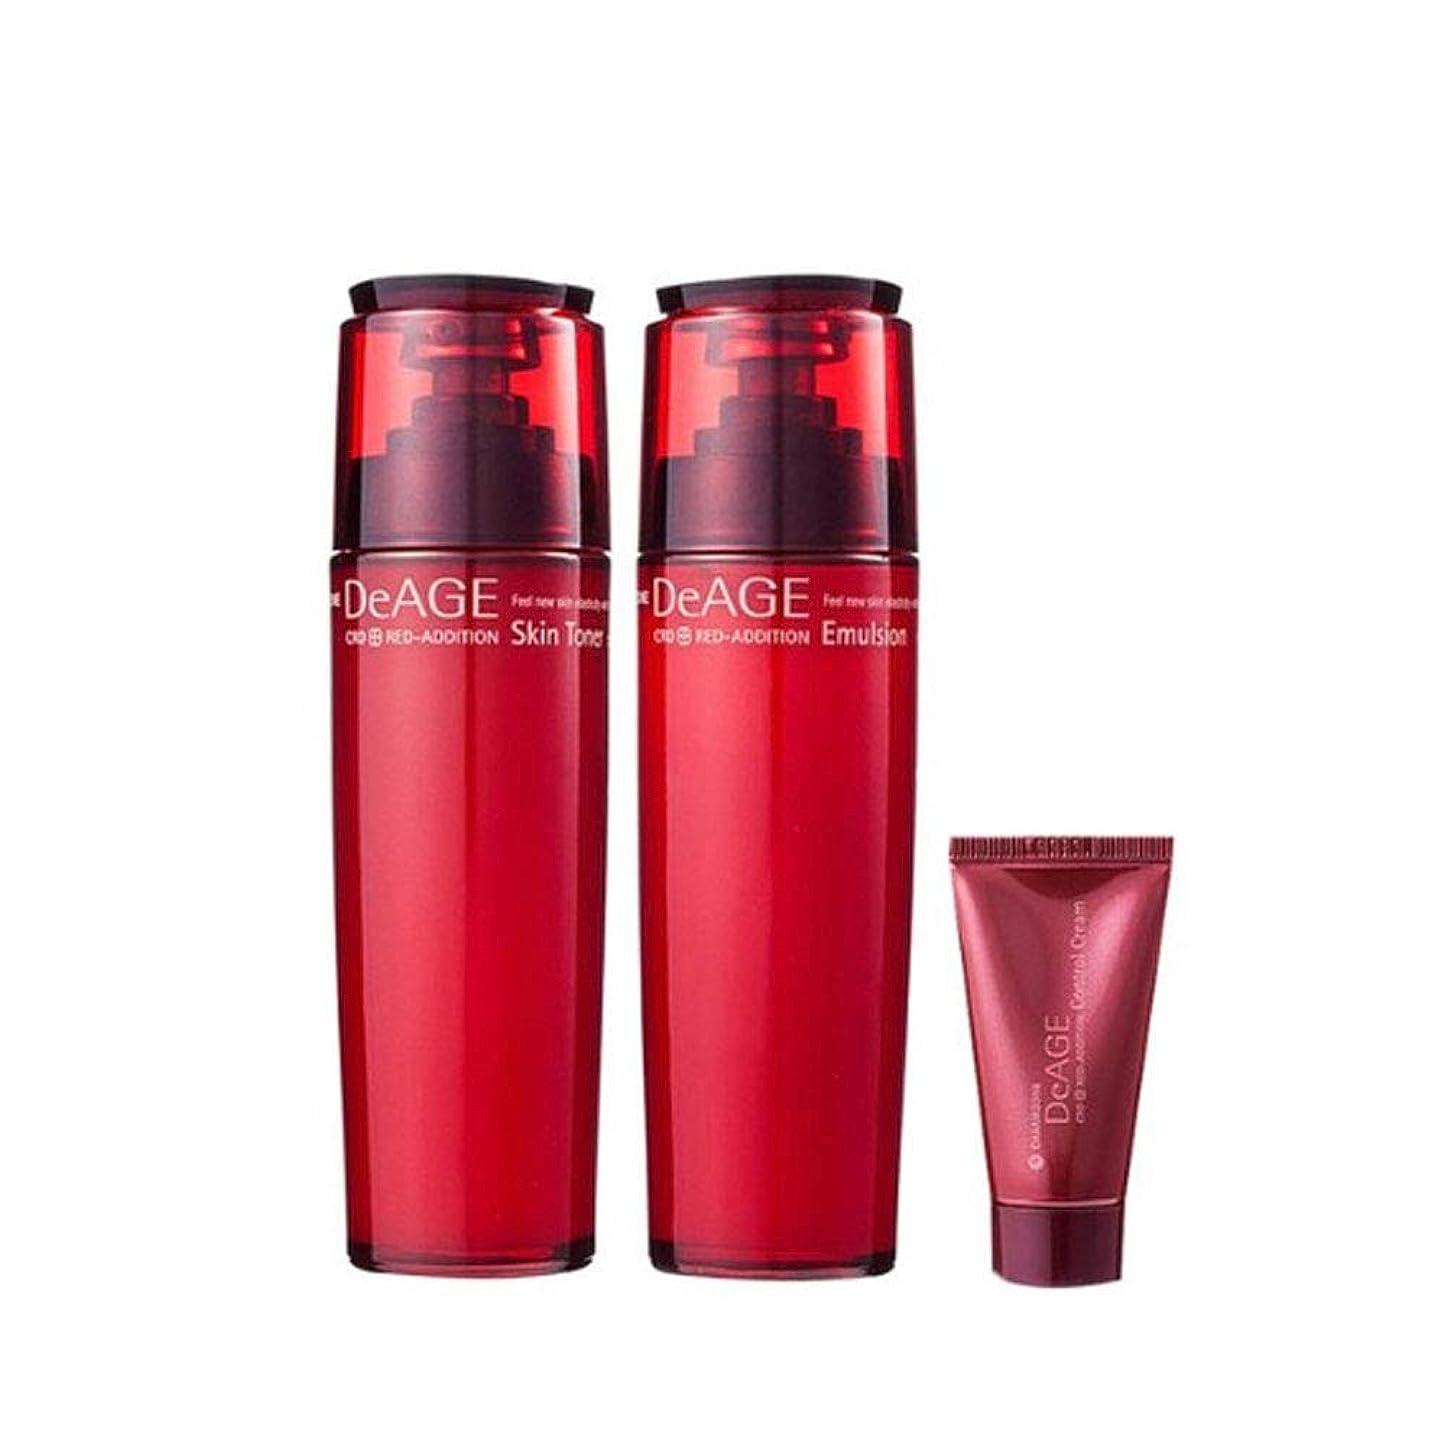 くちばし誘発するジュニアチャムジョンディエイジレッドエディションセット(スキントナー130ml、エマルジョン130ml、コントロールクリーム15ml)、Charmzone DeAGE Red Addition Set(Skin Toner 130ml、Emulsion 130ml、Control Cream 15ml) [並行輸入品]